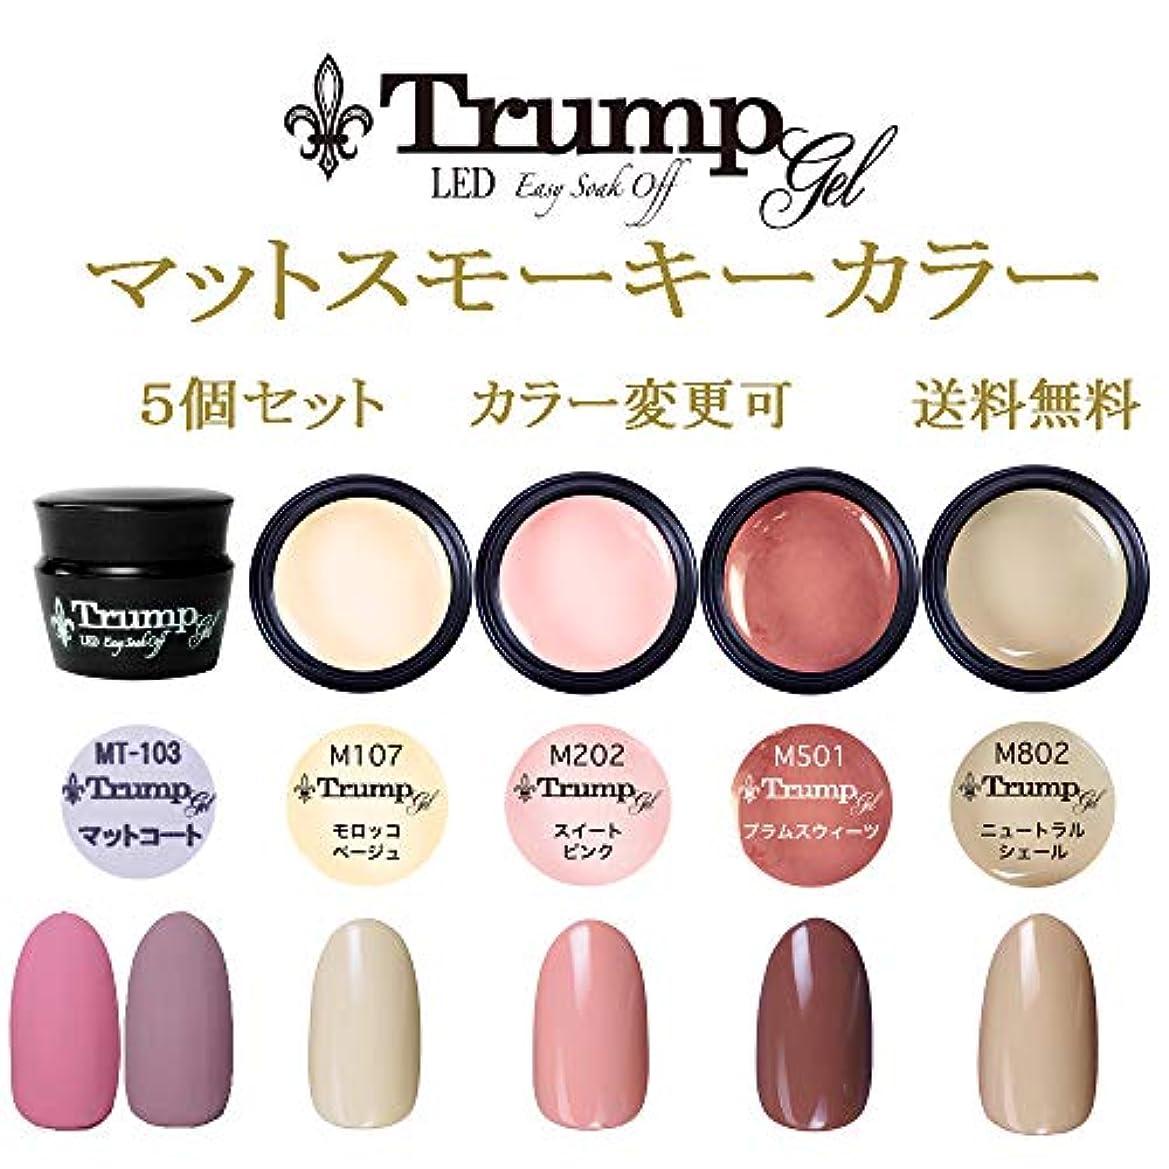 選ぶスノーケル皮【送料無料】日本製 Trump gel トランプジェル マットスモーキー カラージェル 5個セット 魅惑のフロストマットトップとマットに合う人気カラーをチョイス